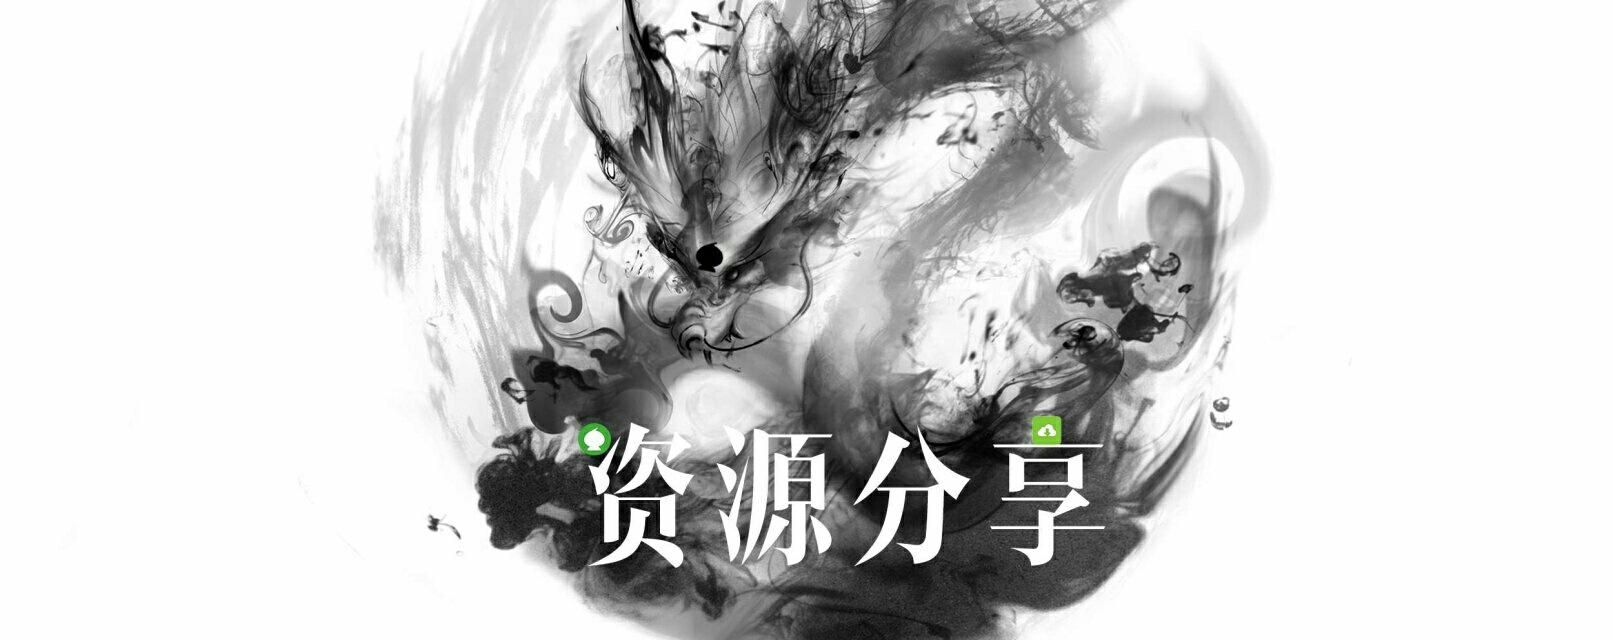 【资源分享】电影天堂